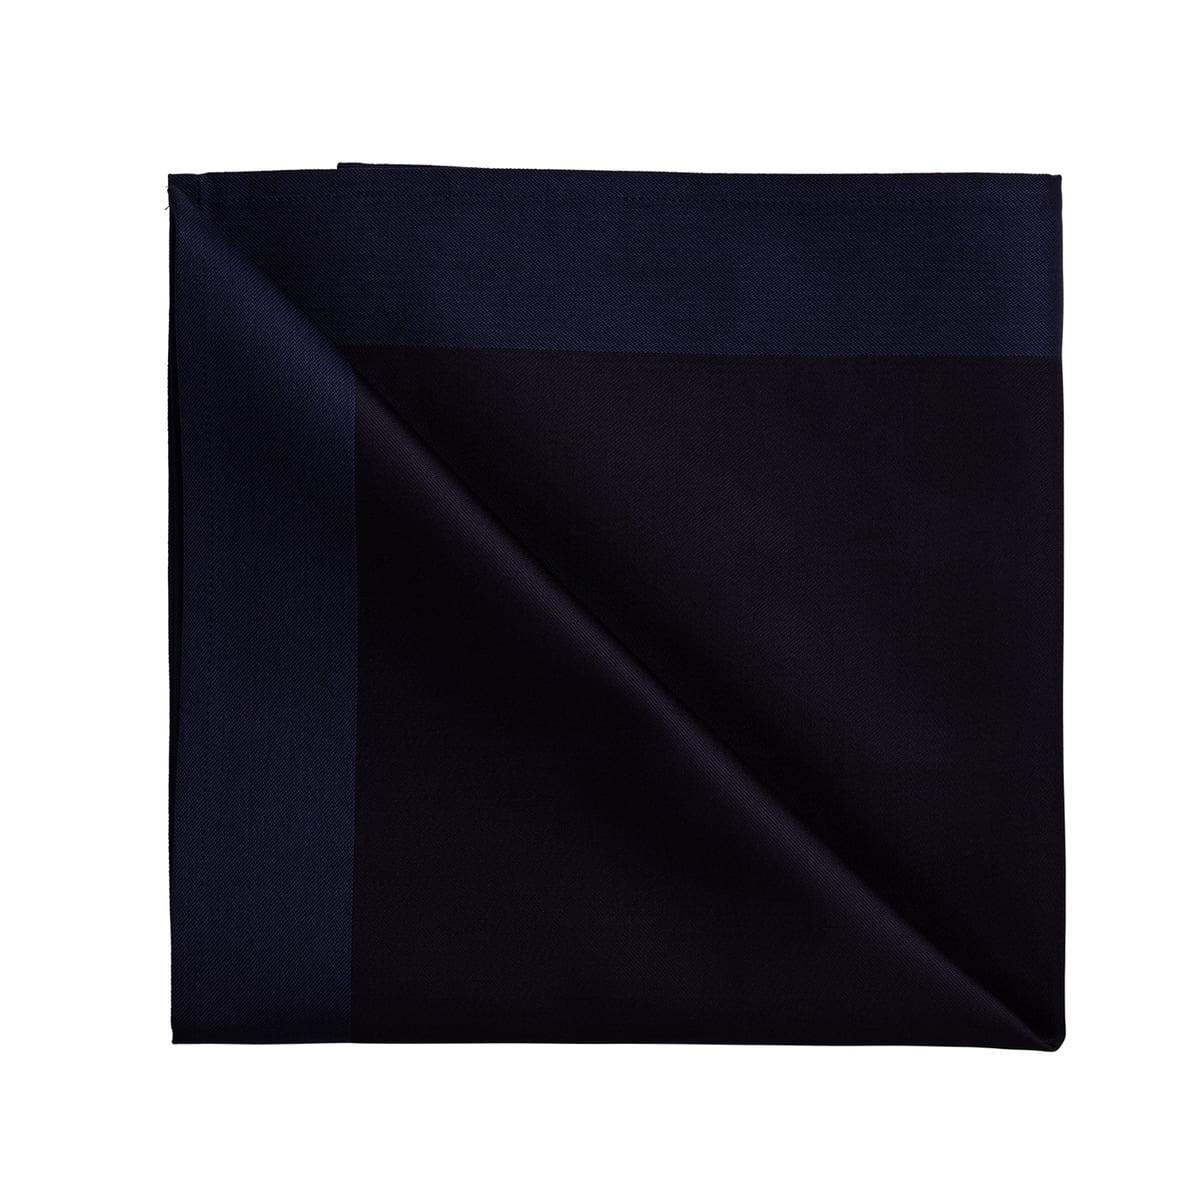 Georg Jensen Damask - Damask Stoffservietten, 50 x 50 cm / blue abyss   Heimtextilien > Tischdecken und Co > Servietten   Georg Jensen Damask